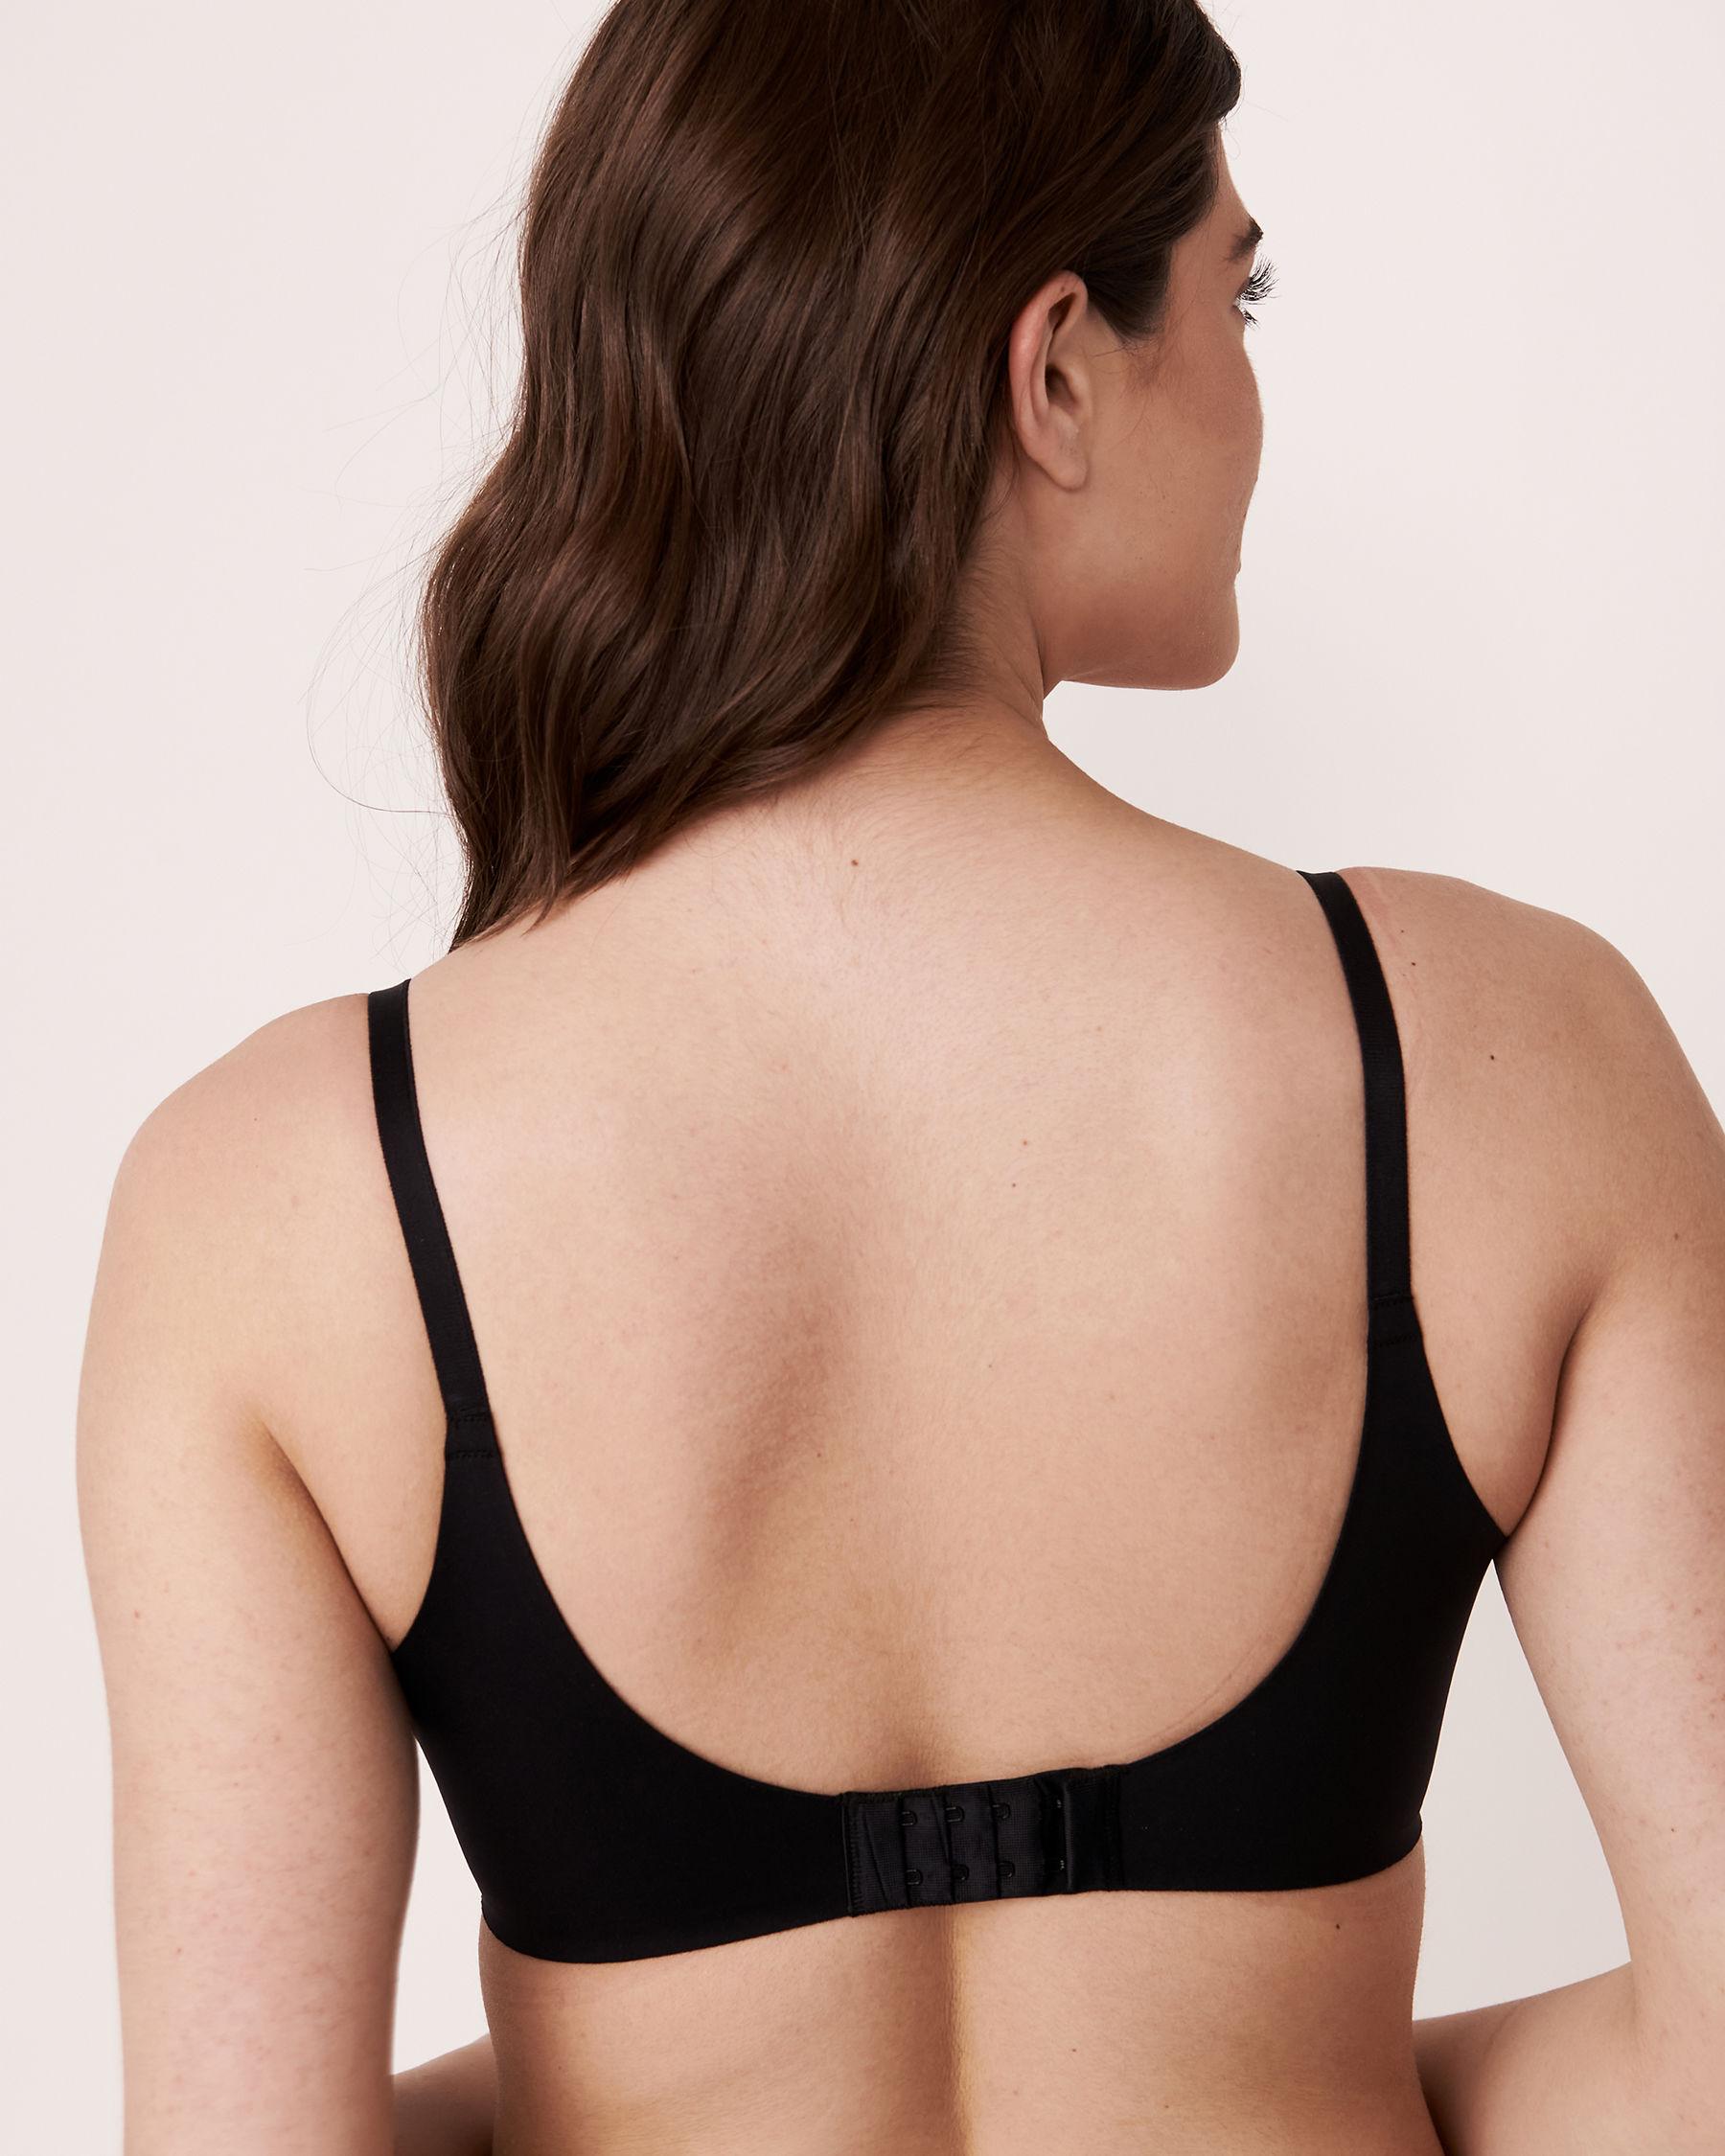 LA VIE EN ROSE Lightly Lined Wireless Sleek Back Bra Black 169-113-2-00 - View2